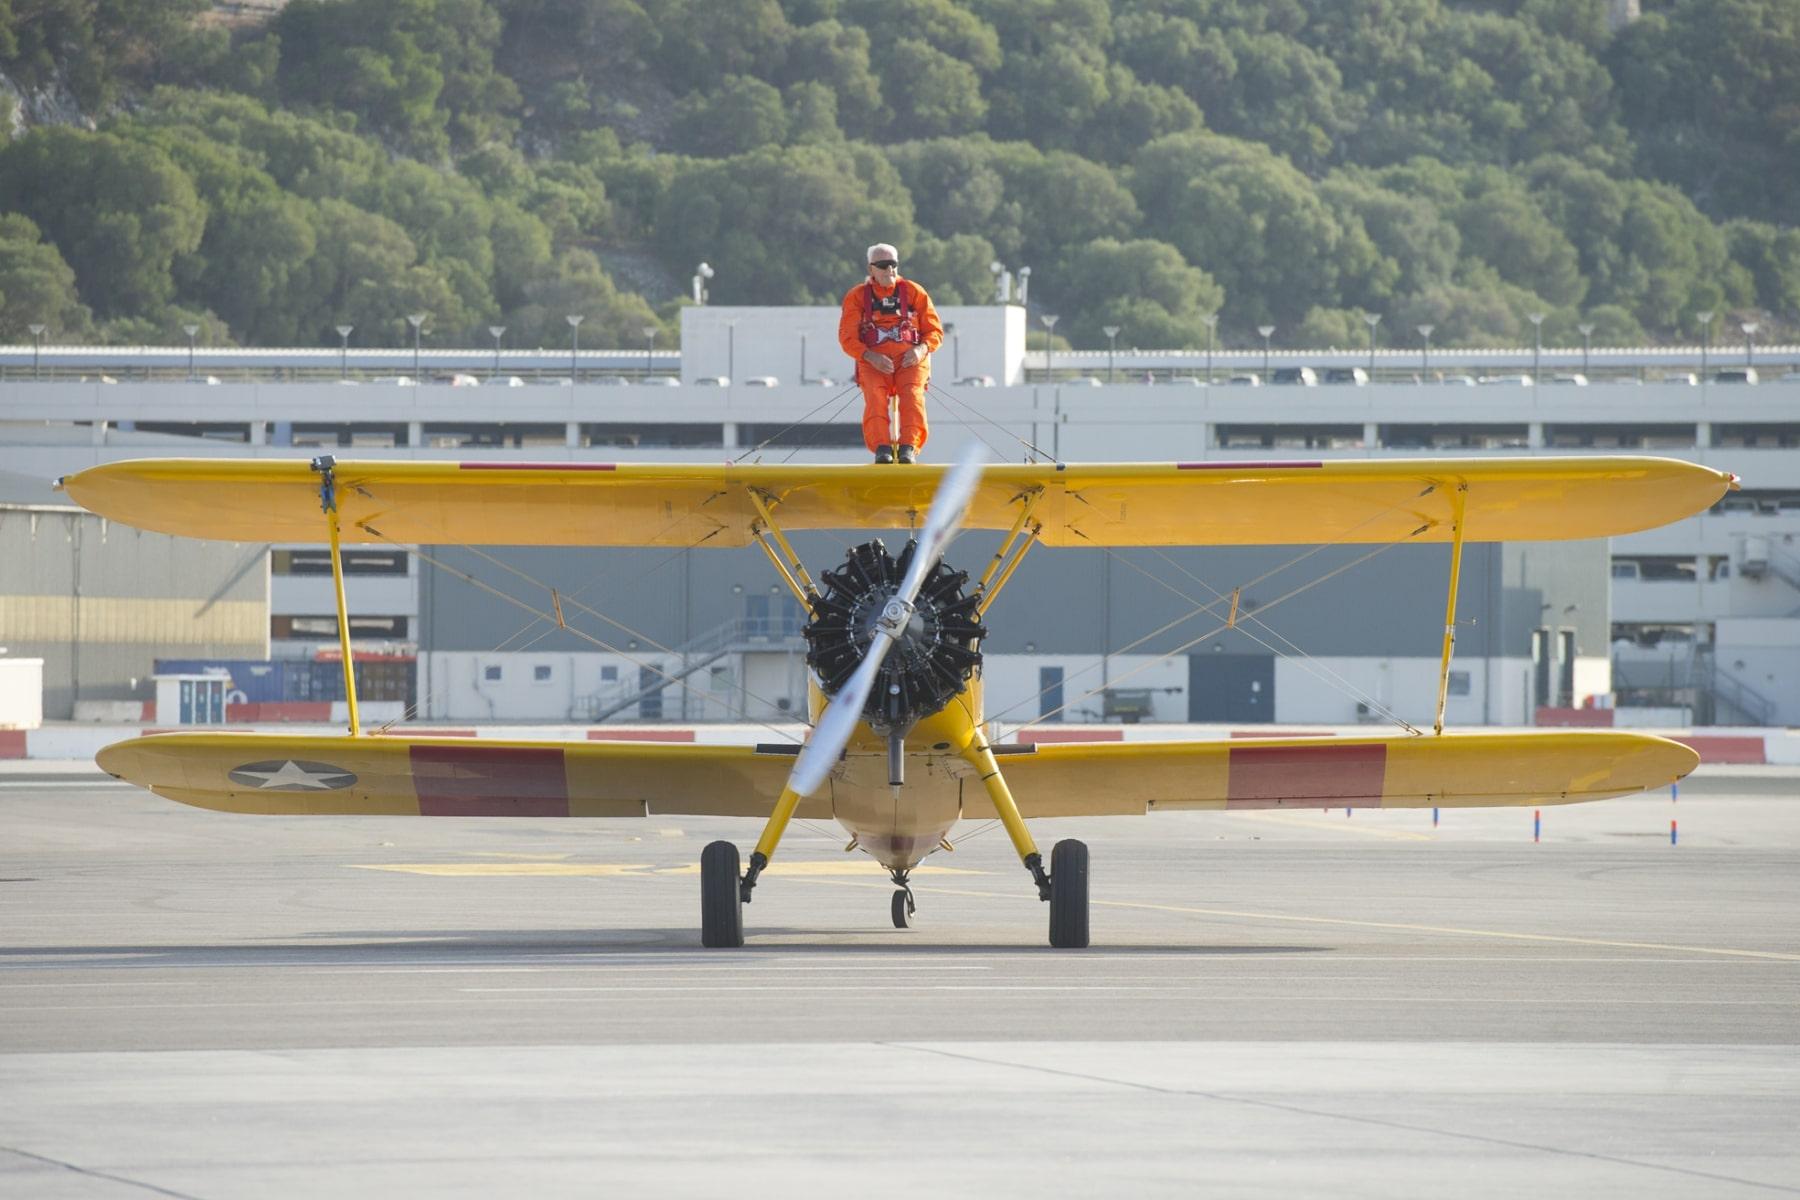 tom-lackey-acrobata-aereo-de-94-anos-en-gibraltar-10102014-19_15493078646_o